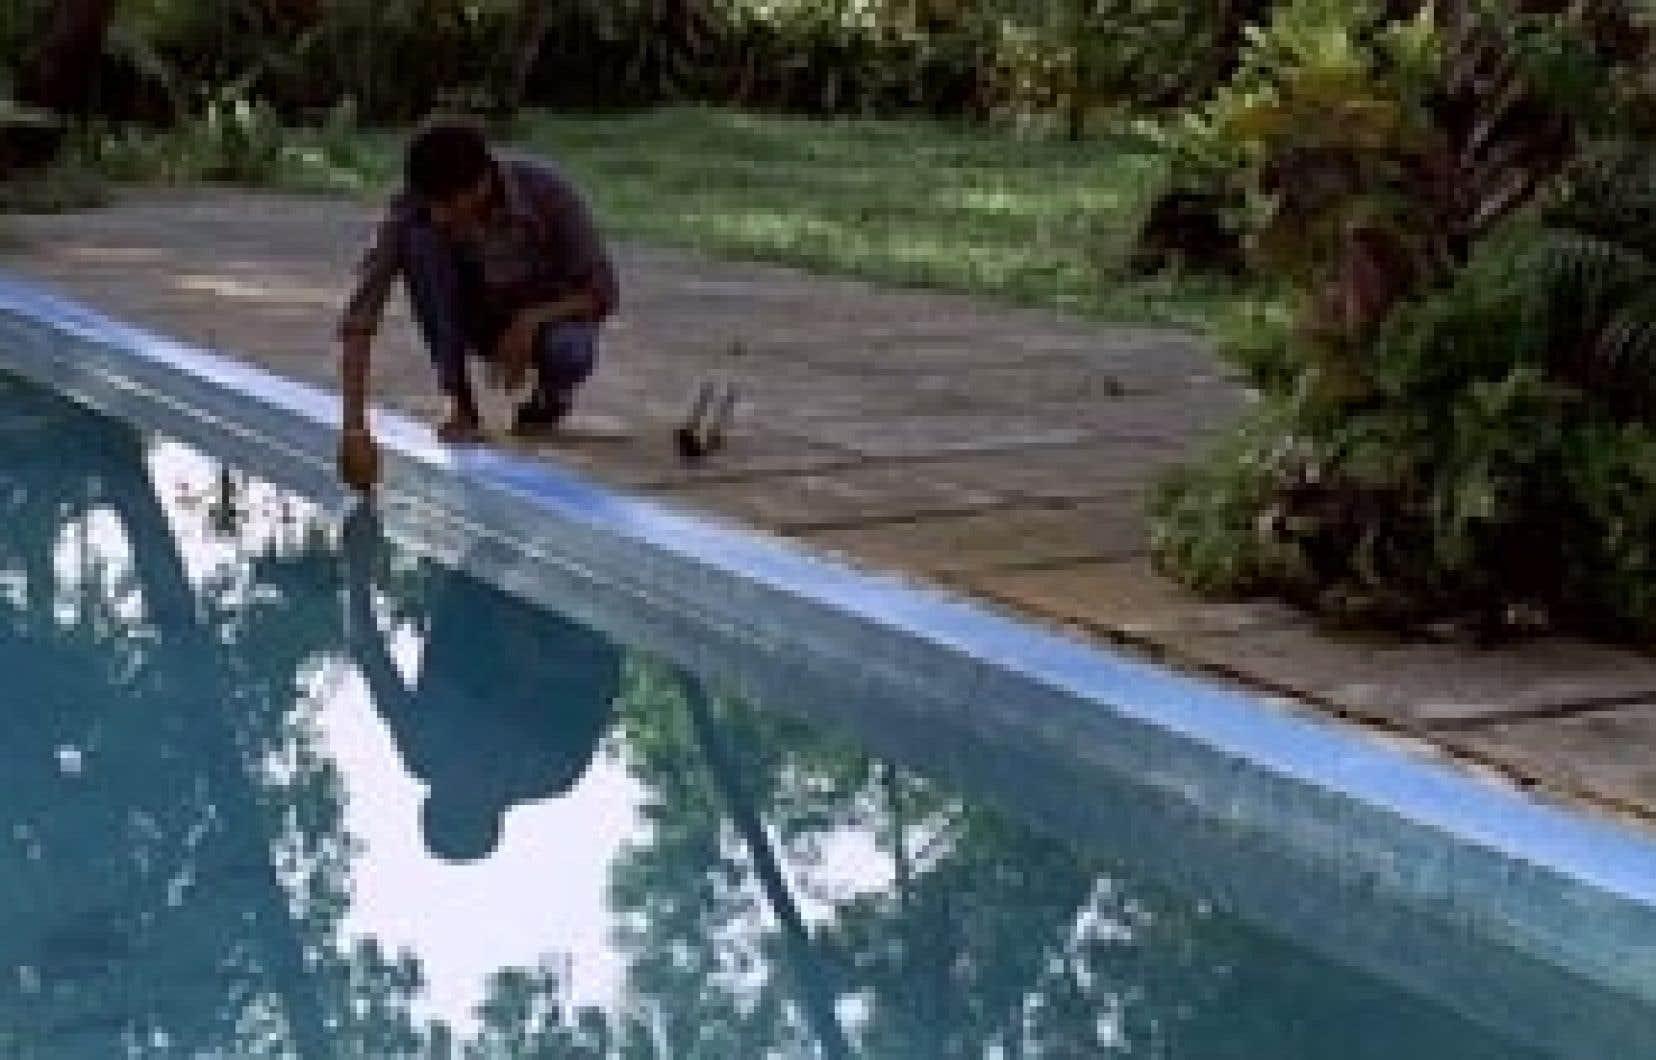 The Pool s'inspire d'une nouvelle de Randy Russell qui se déroule aux États-Unis et maintenant transposée, avec la complicité de l'auteur, dans la petite ville de Panjim, dans l'État indien du Goa.